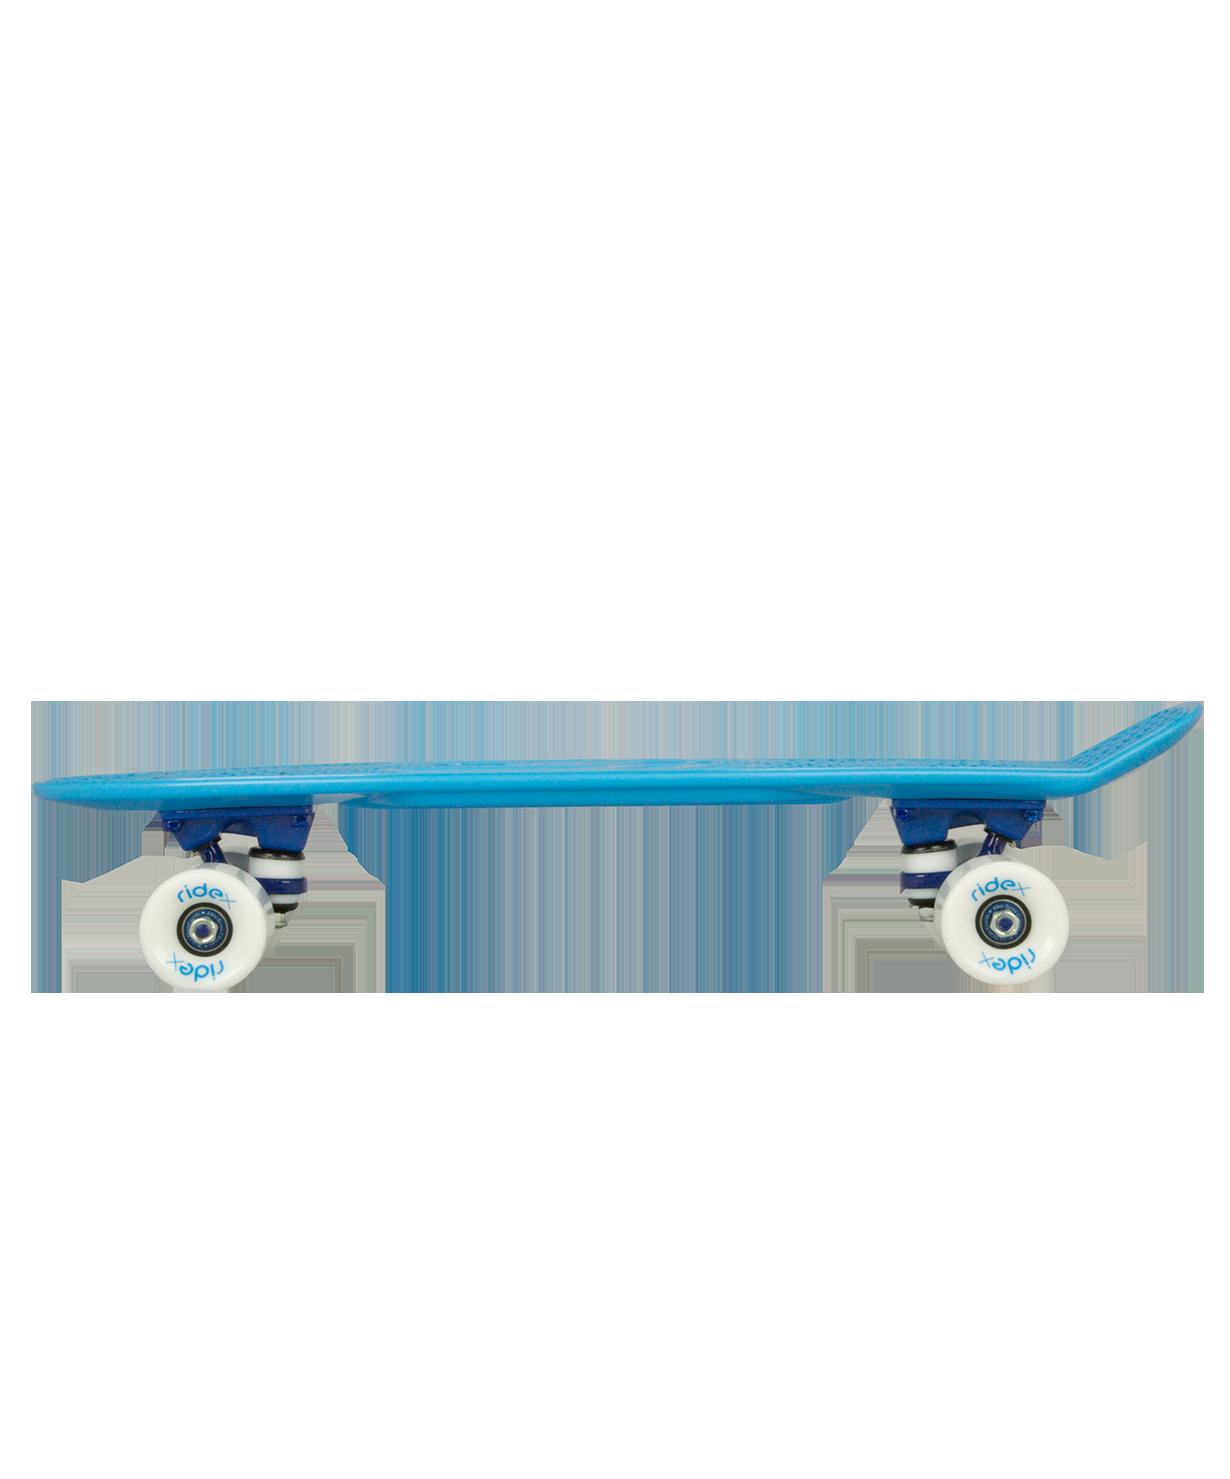 skateboard png 5